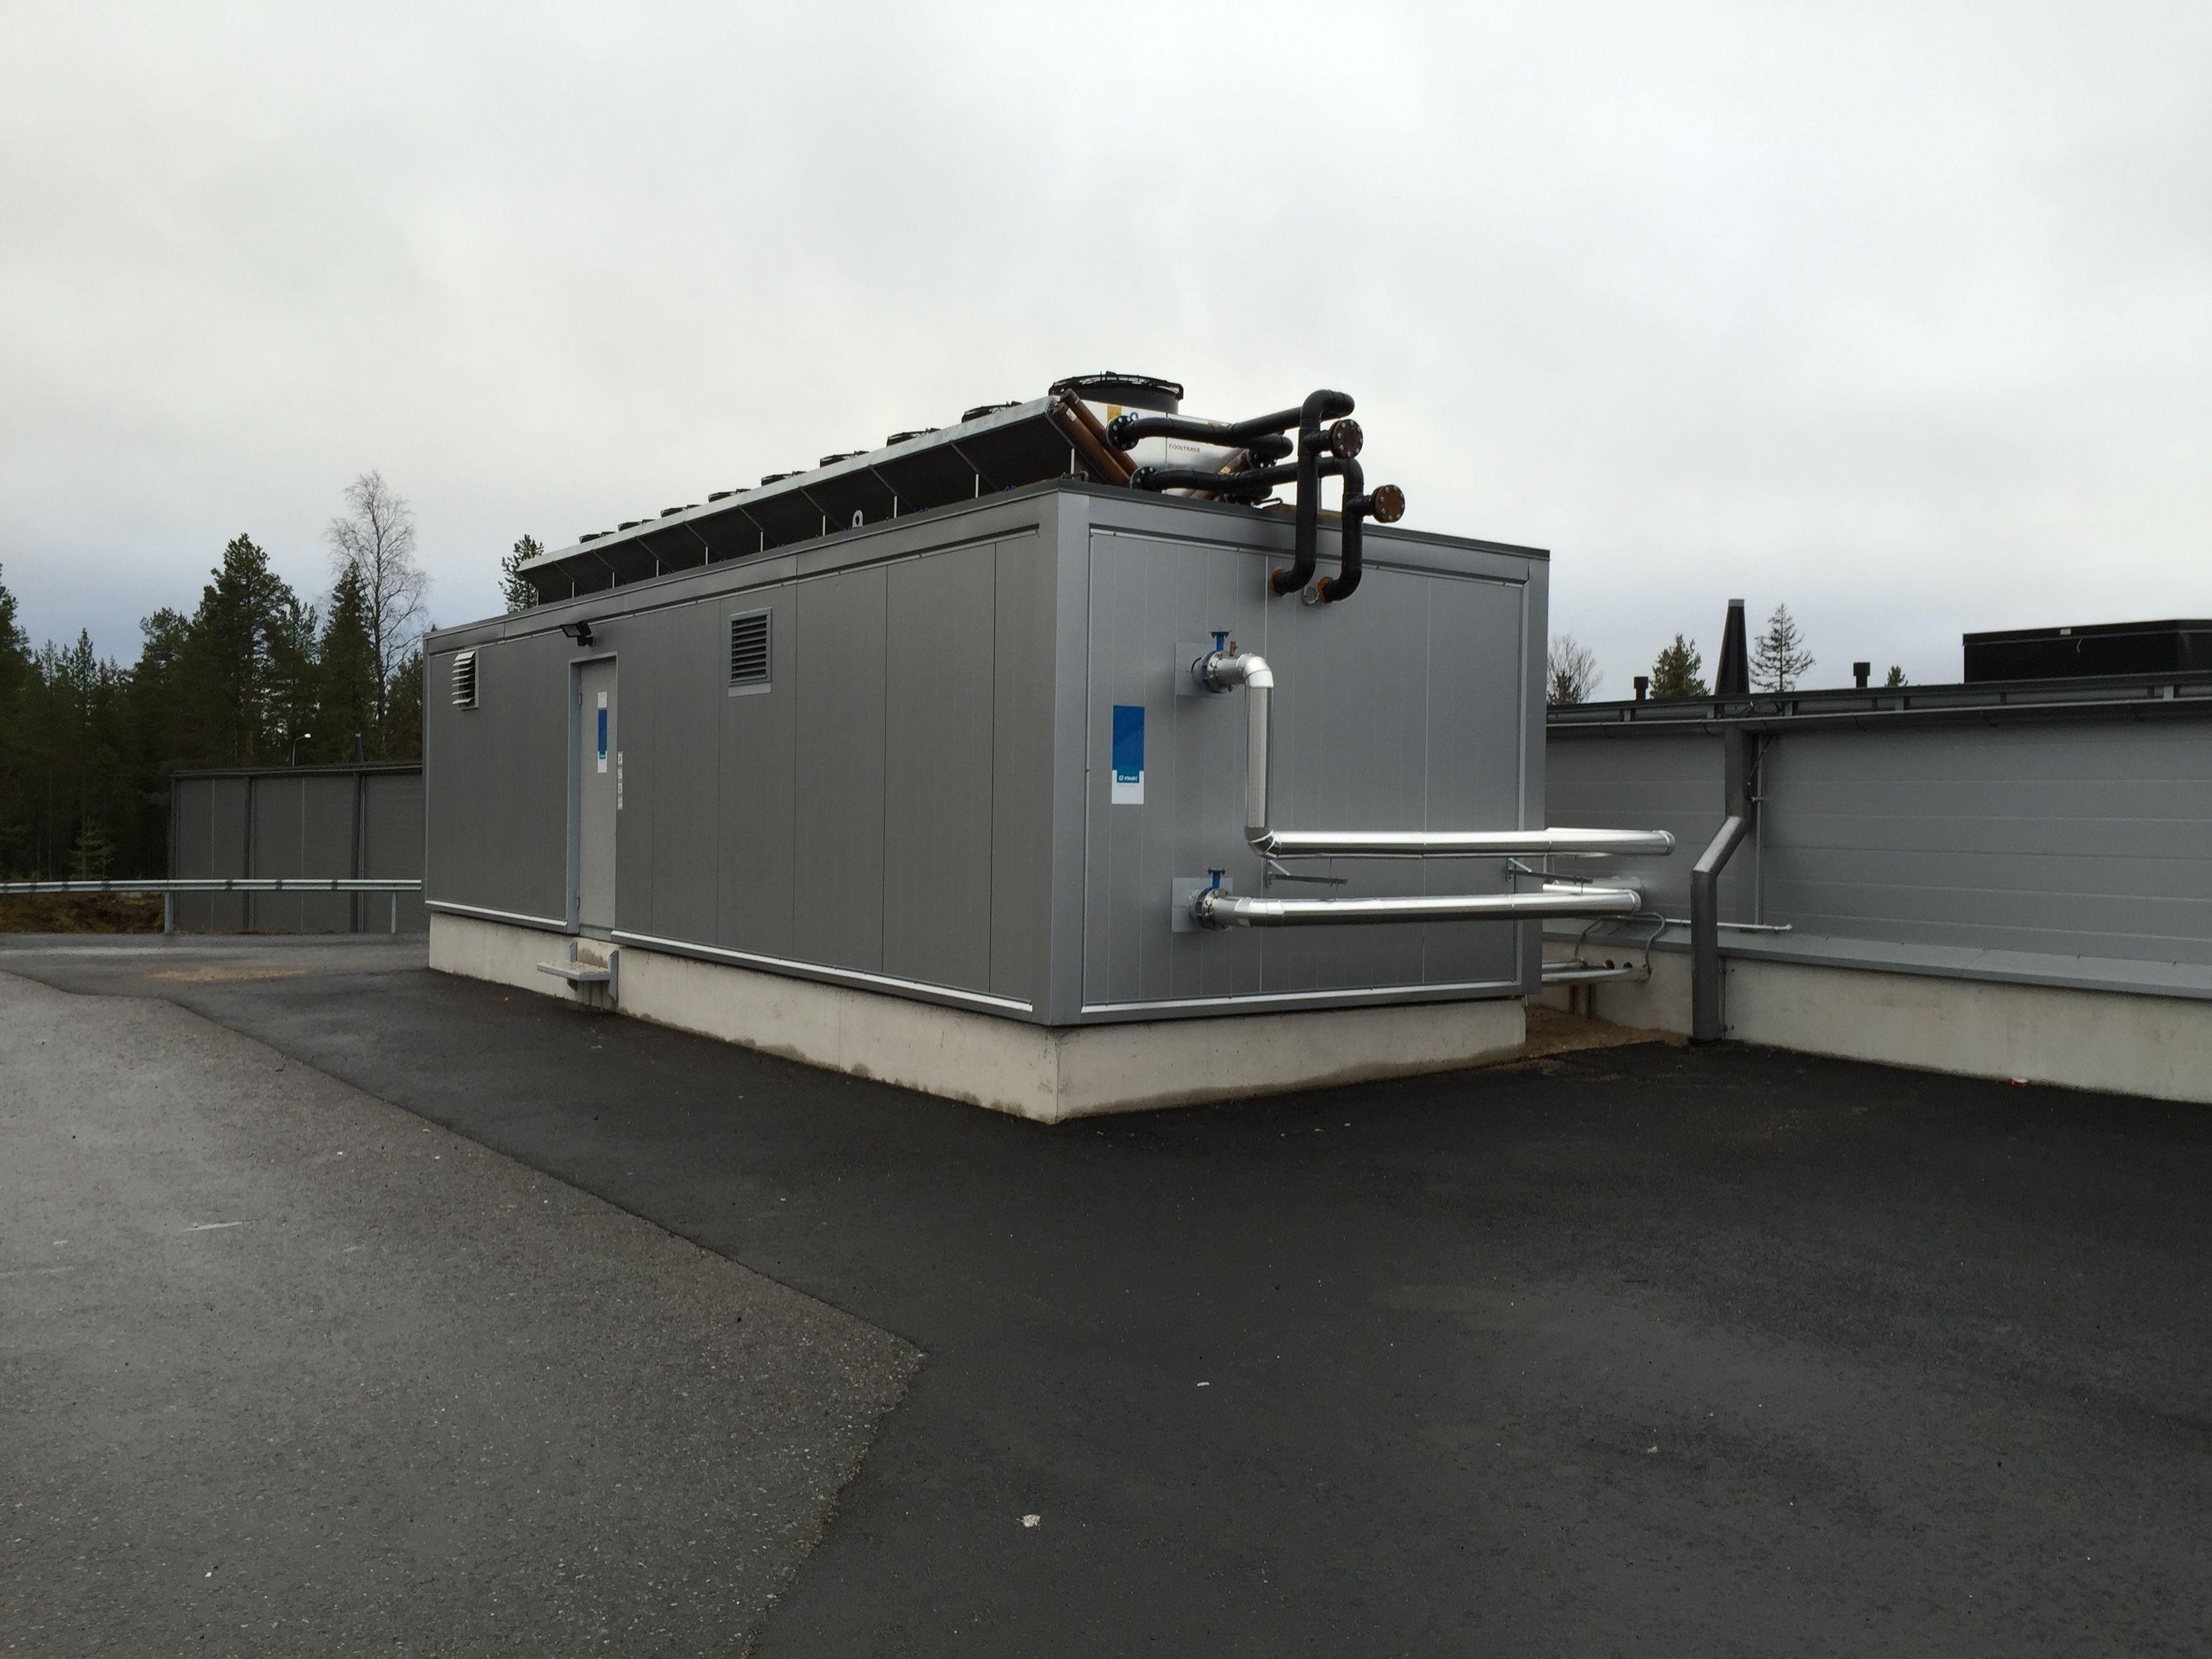 Lappi Areena, Jäähallin Findrin ICE kylmäkonehuonekontti. Putket kytketään kontista jäähallin jäähdytys- ja lämmitysverkostoihin.